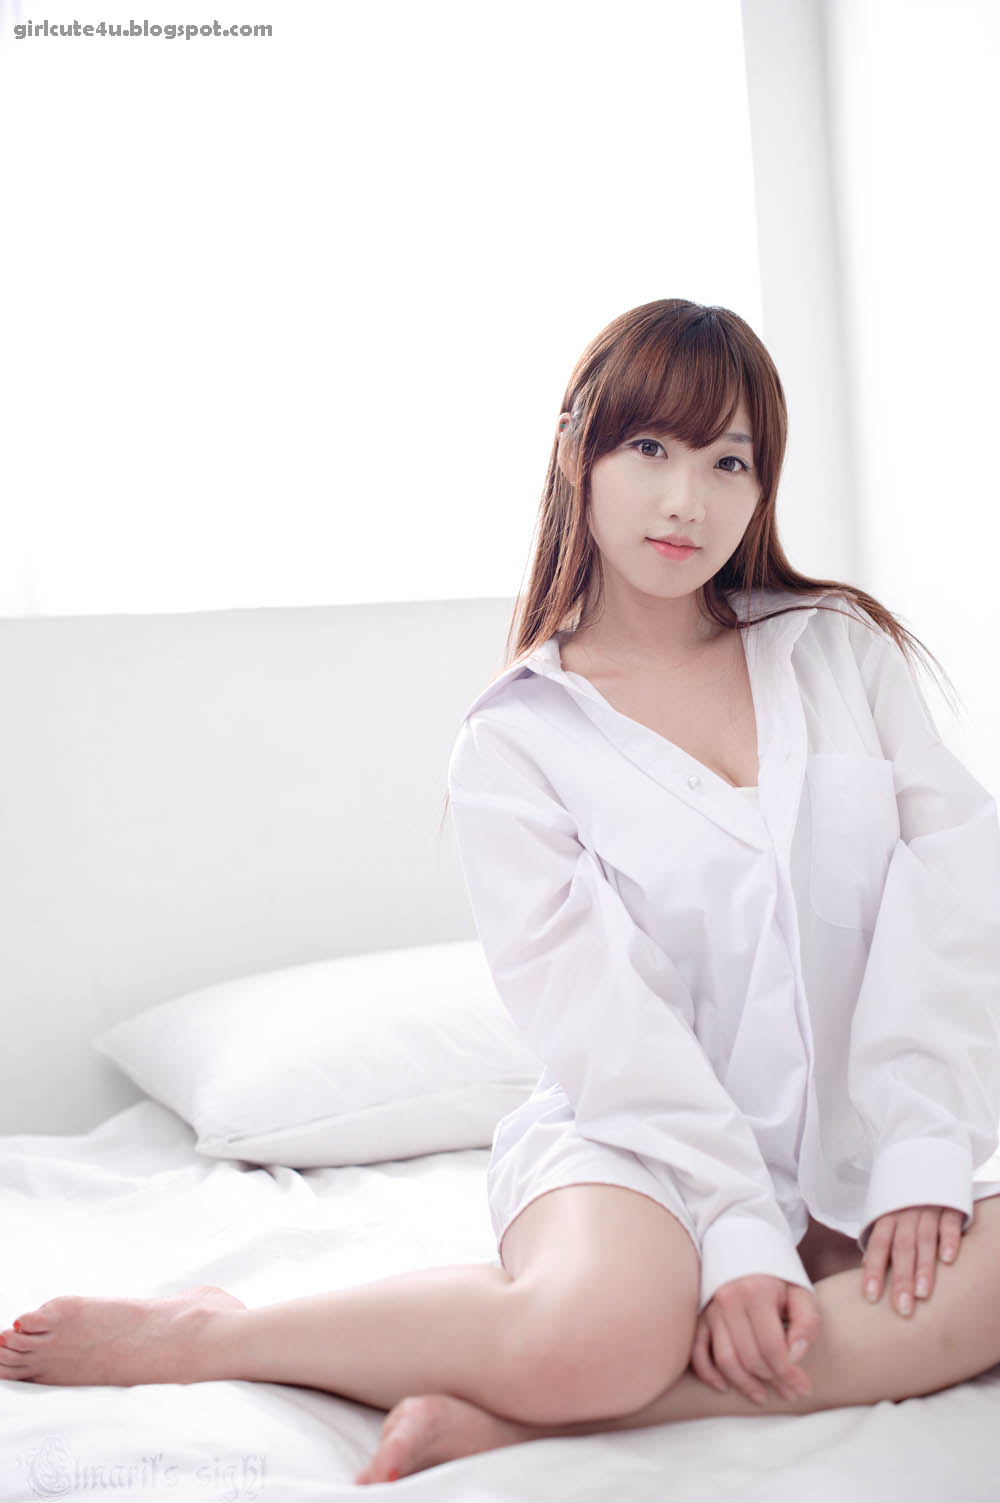 Xxx asians lesbian photo 48